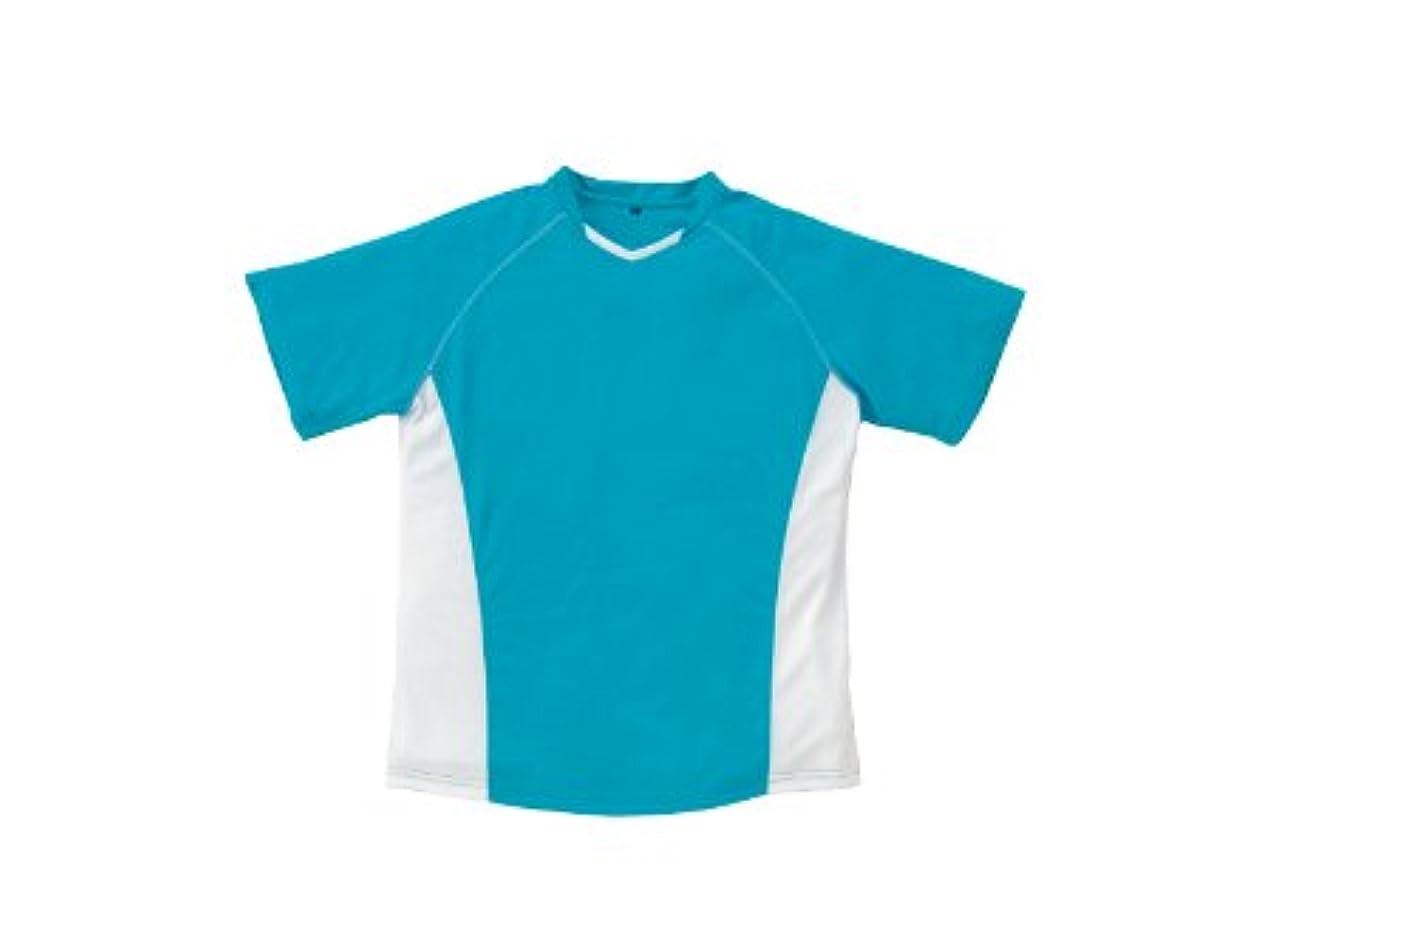 キネマティクスキャスト熱心なSOWA(ソーワ) 半袖ツートンTシャツ ターコイズ Lサイズ 50403